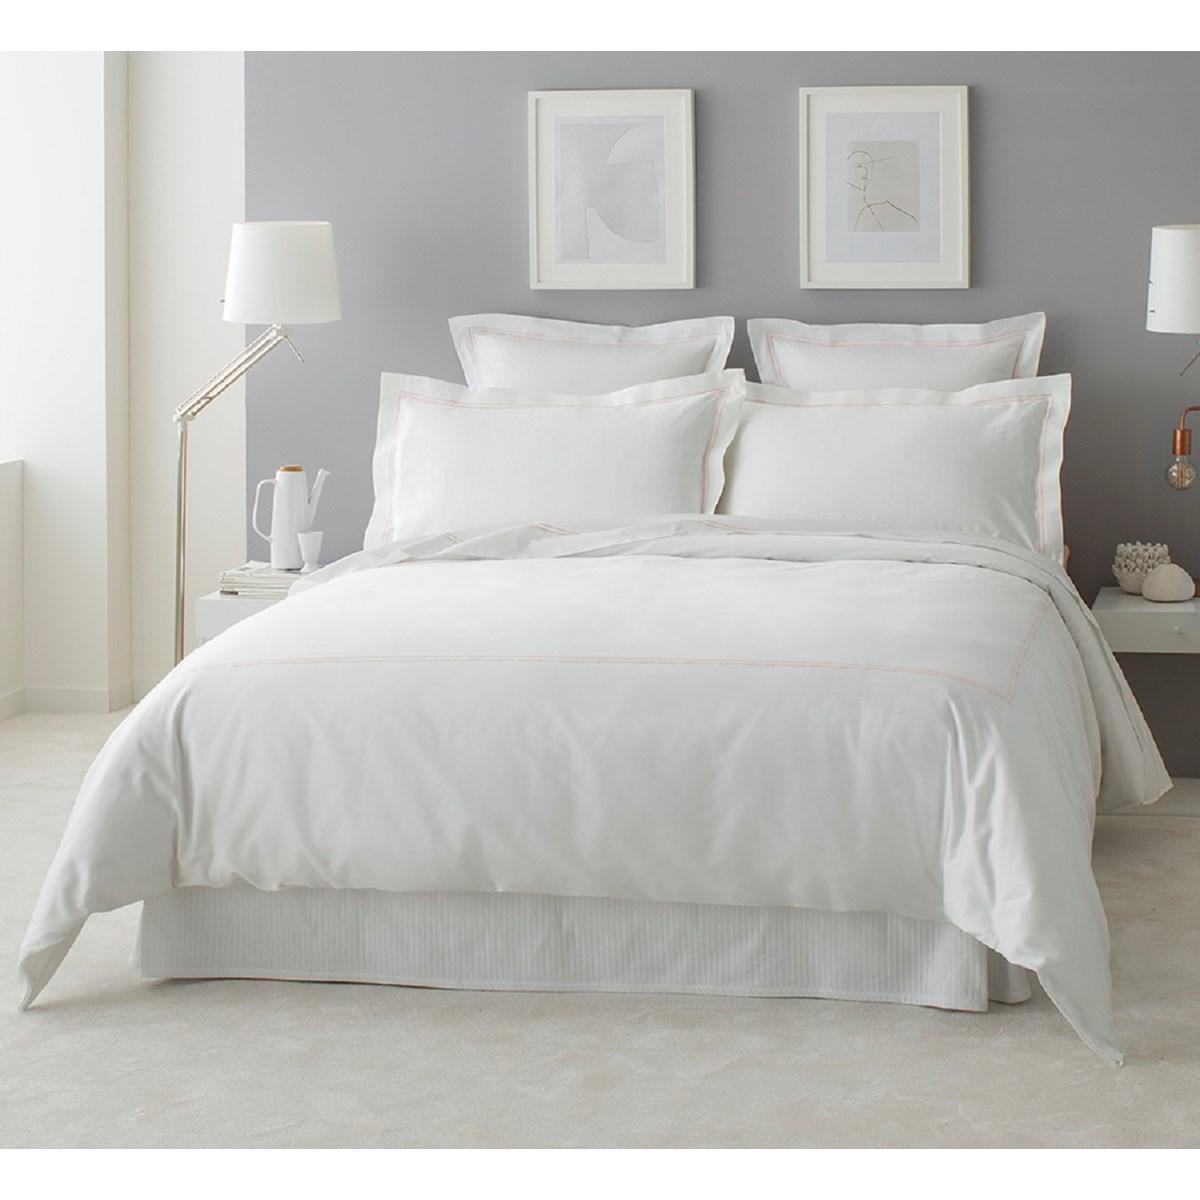 Housse de couette luxe en Satin de coton  Rose pâle 280x260 cm